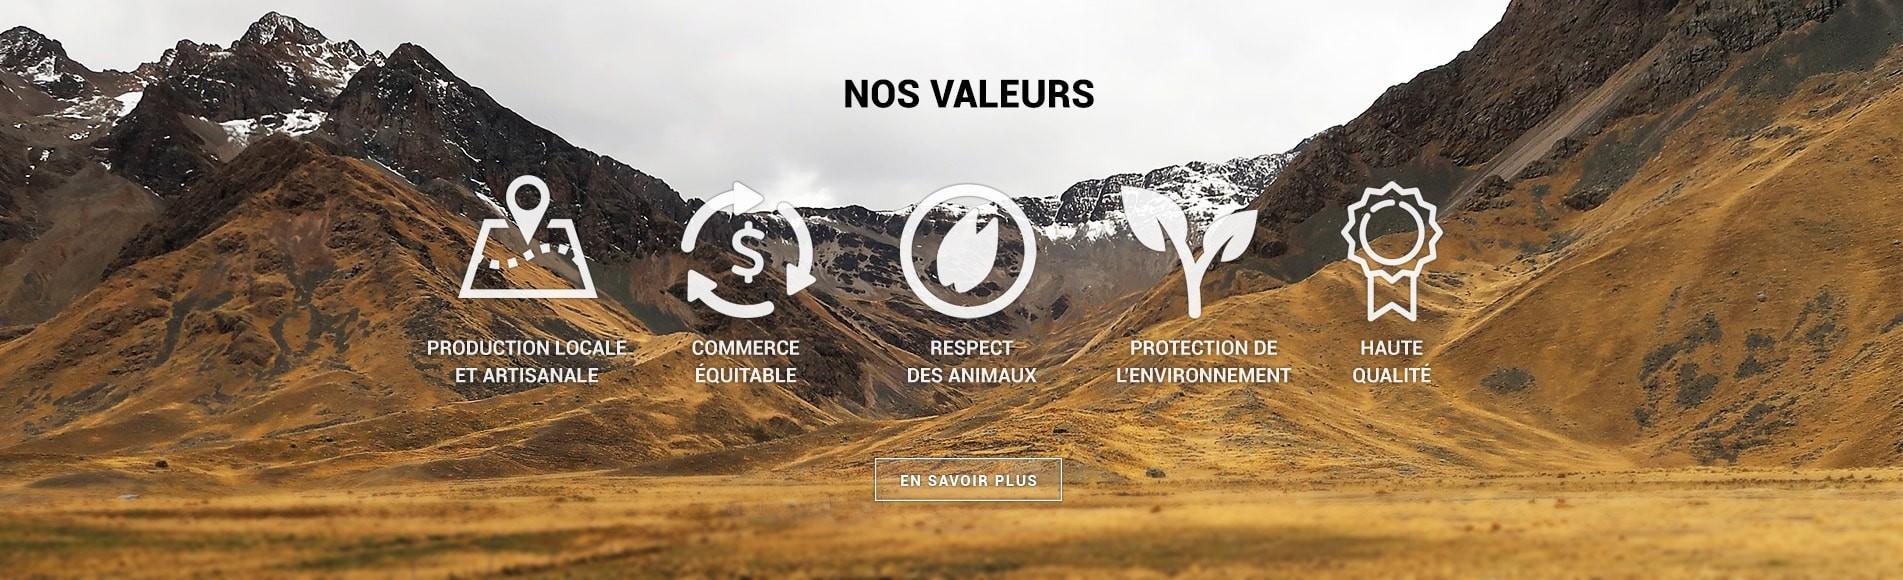 Découvre nos valeurs